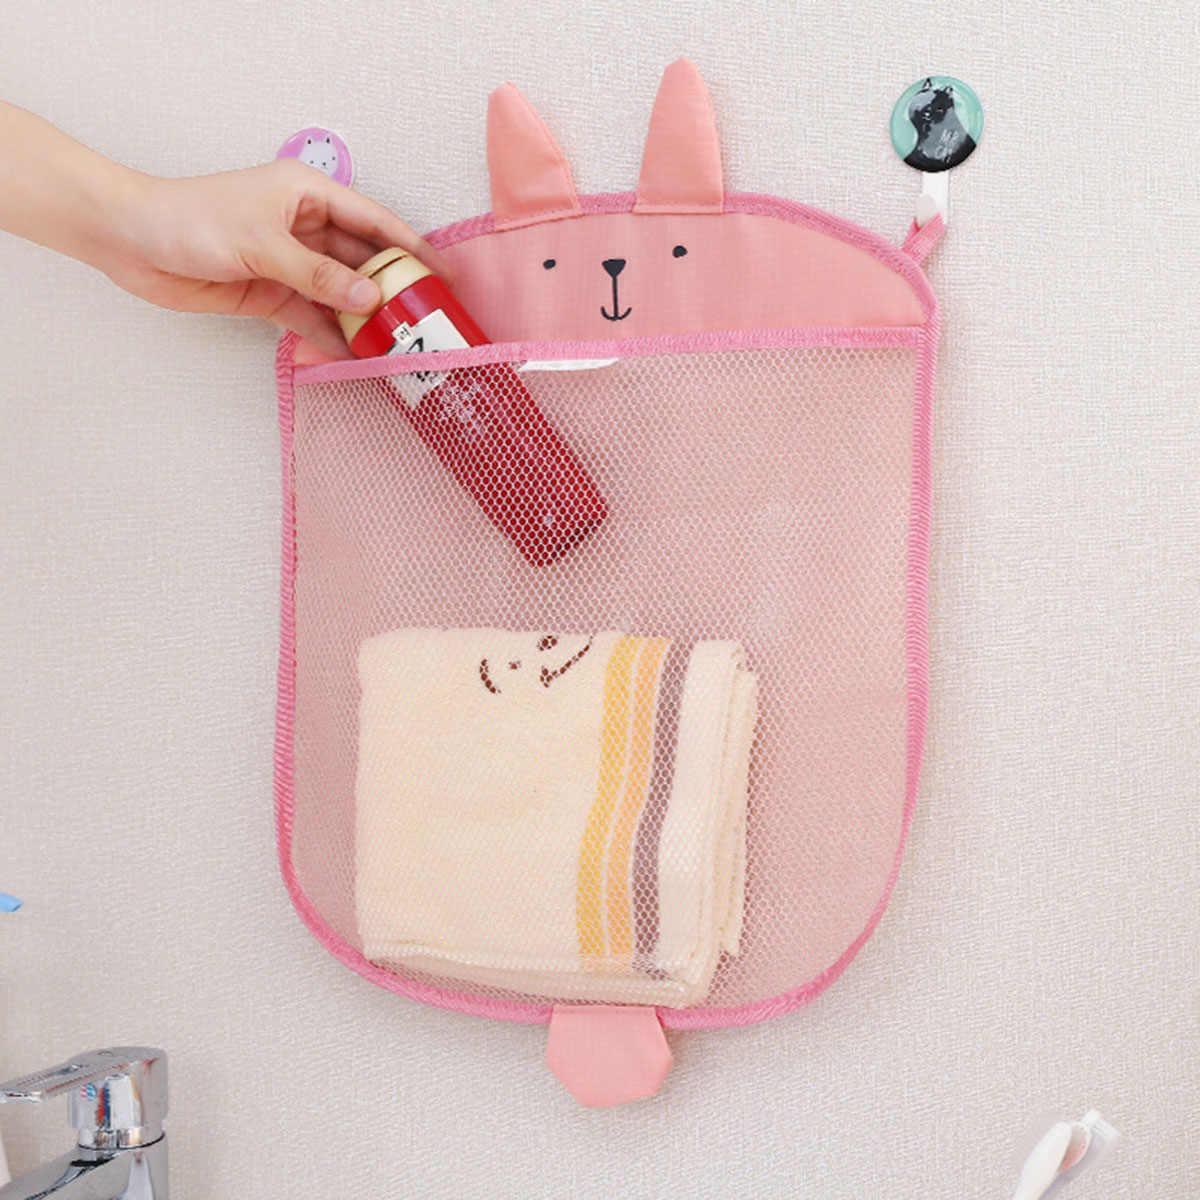 Dziecko do domu łazienka torba z siatki do wanny z hydromasażem zabawki dla dzieci wanna netto Cartoon strój kąpielowy wiszący organizator ścienny do przechowywania torby z zabawkami zabawki do kąpieli